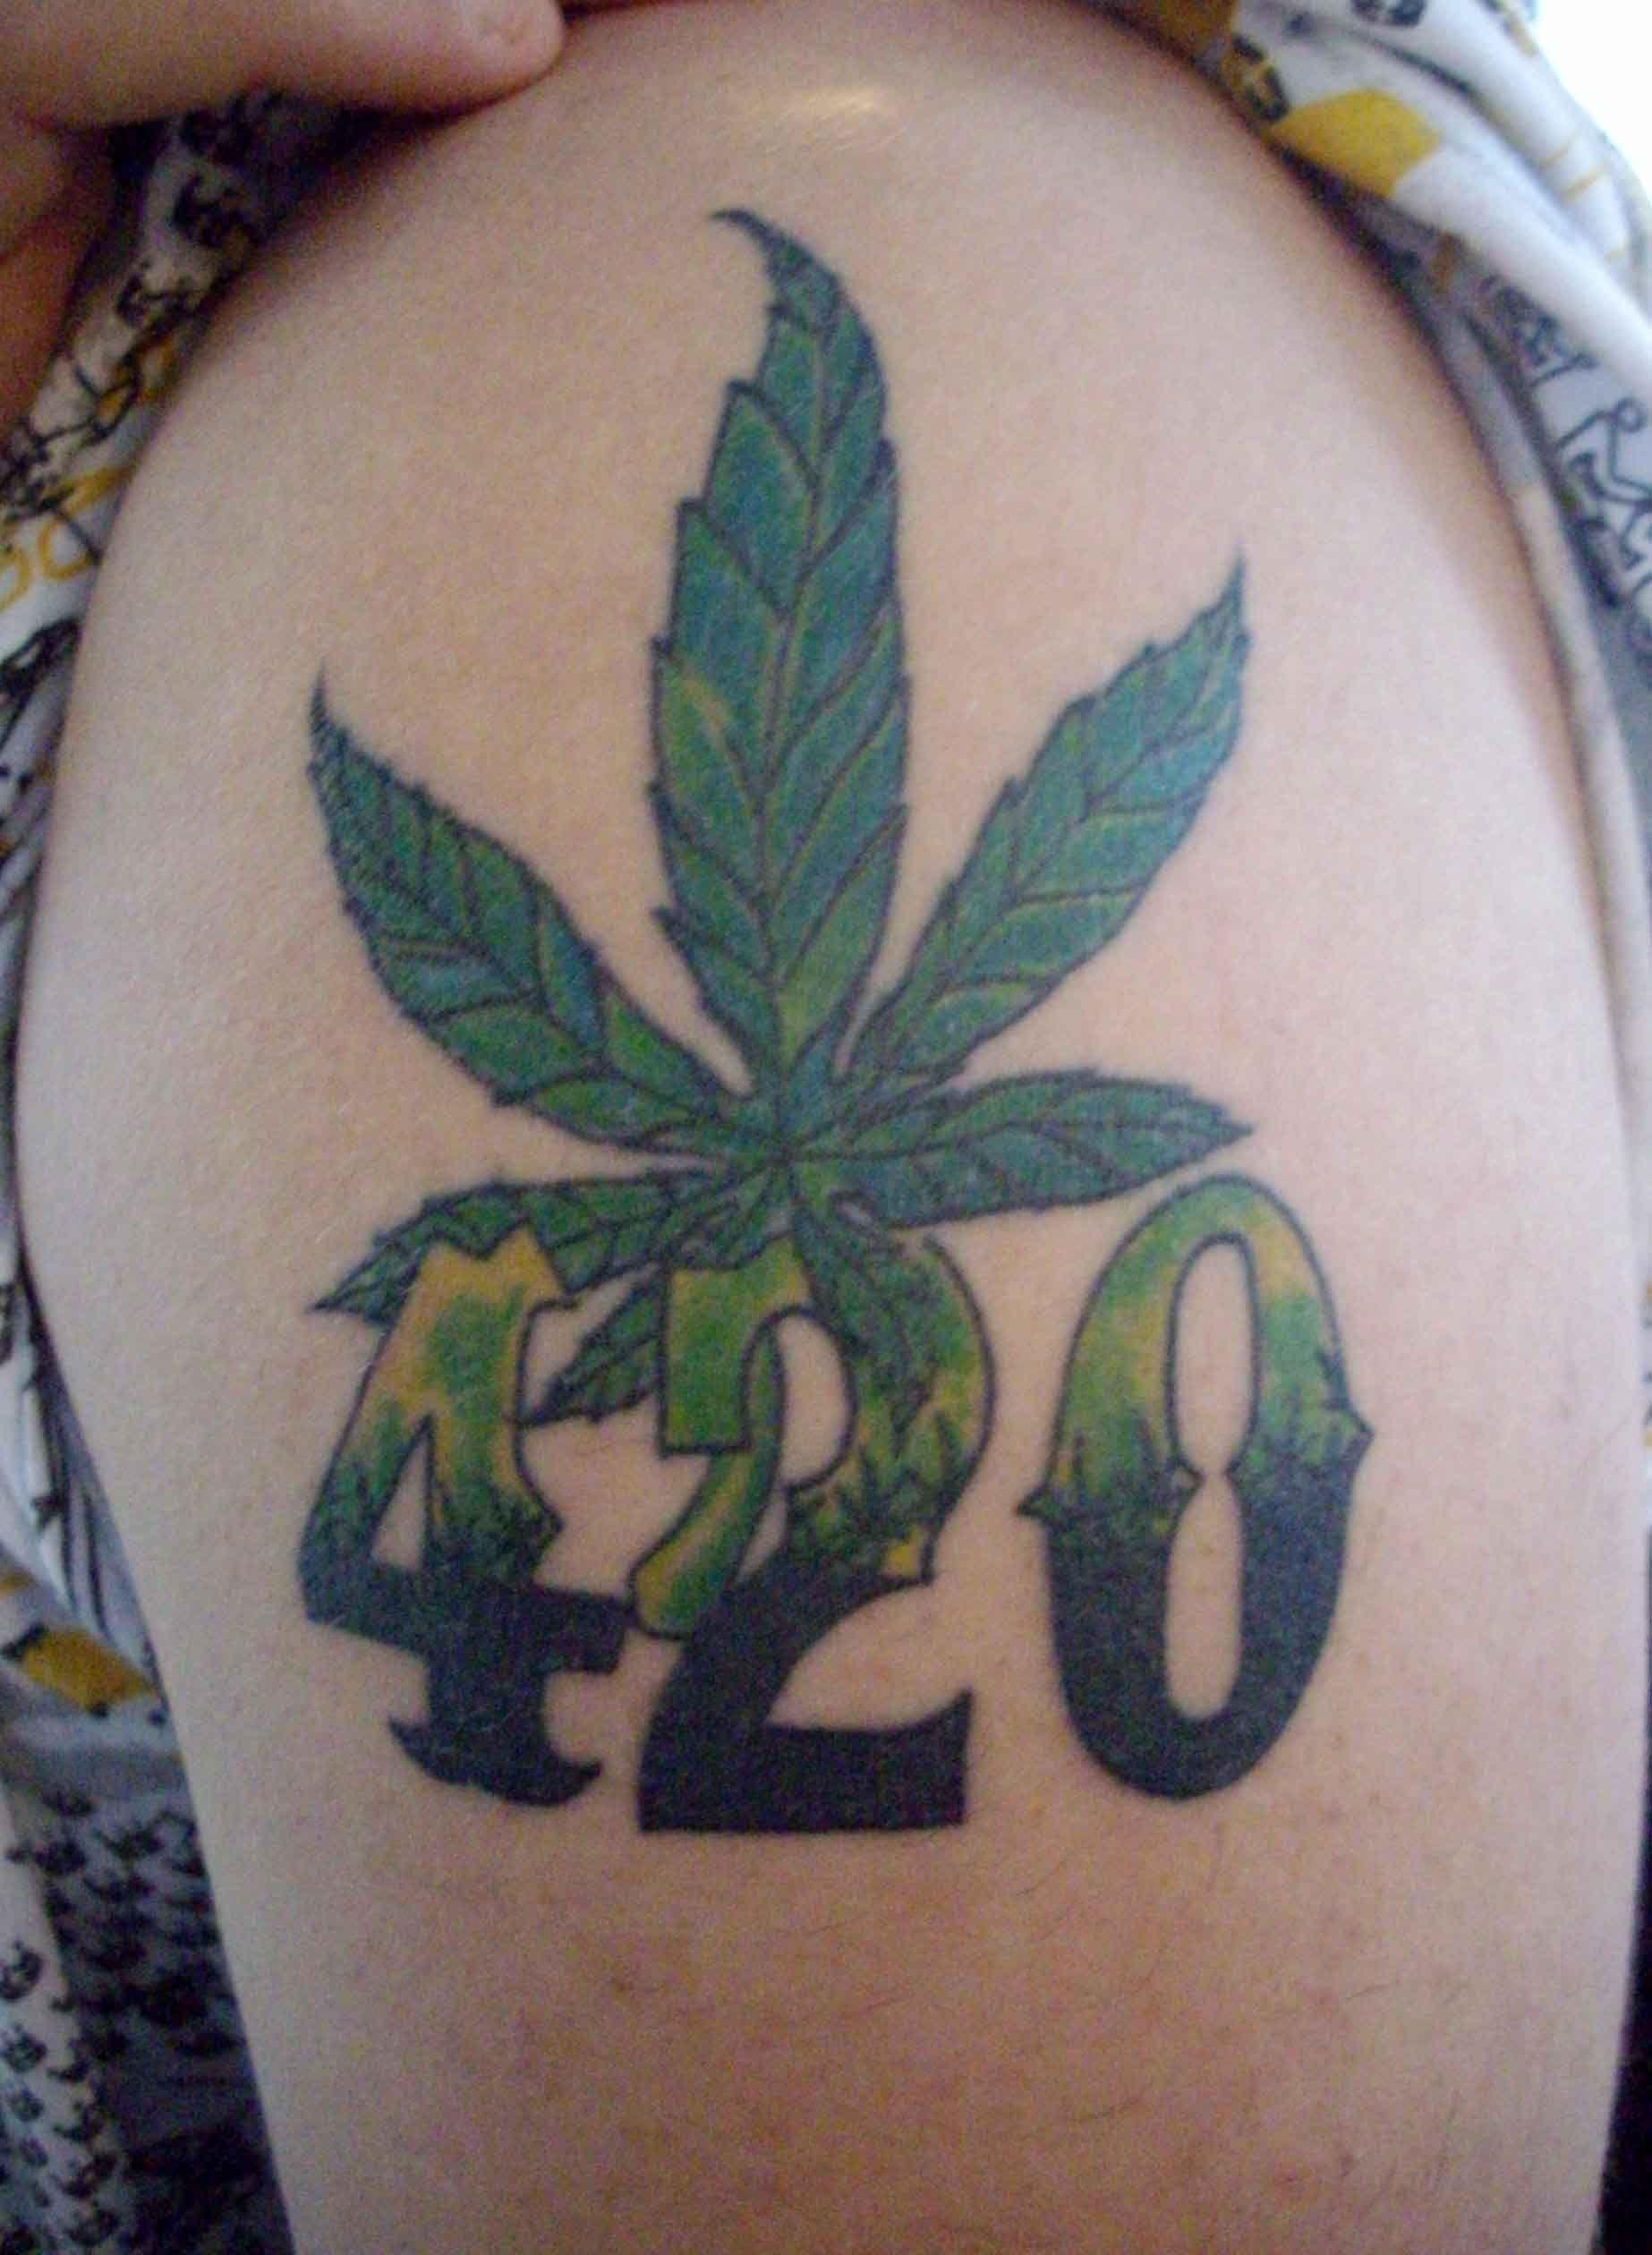 420 tattoo designs - 736×1004